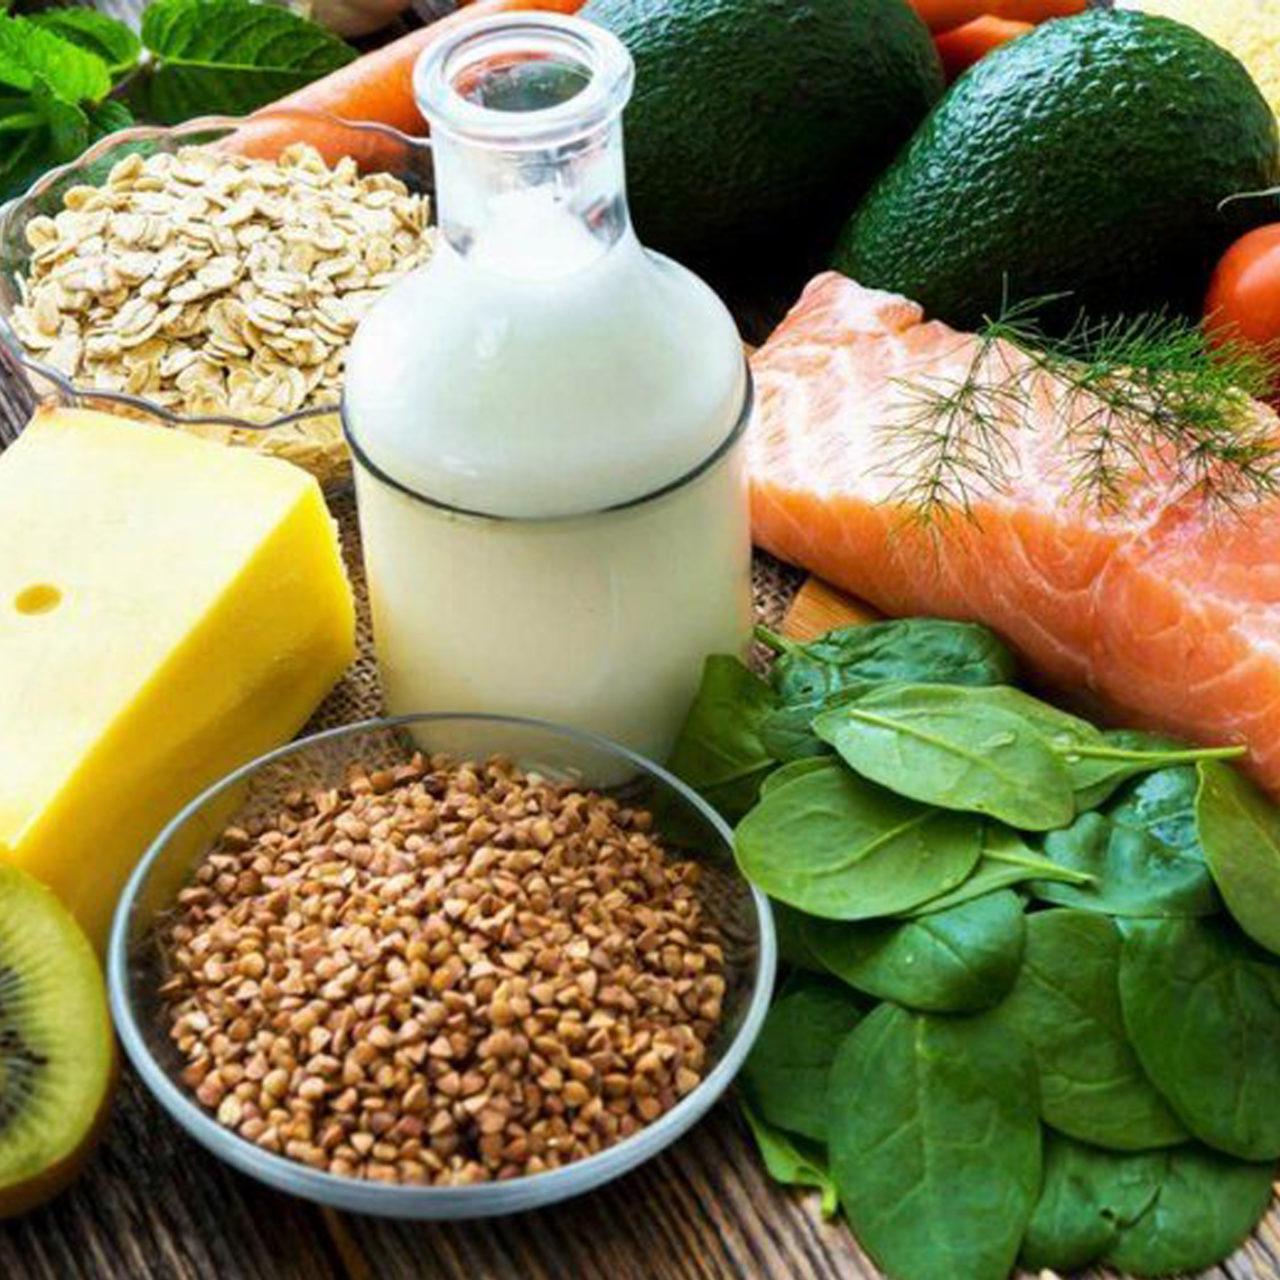 Bağışıklık sistemini güçlendirmek için dengeli beslenmek; et, meyve, sebze ve bakliyat tüketmeye dikkat etmek gerekli.